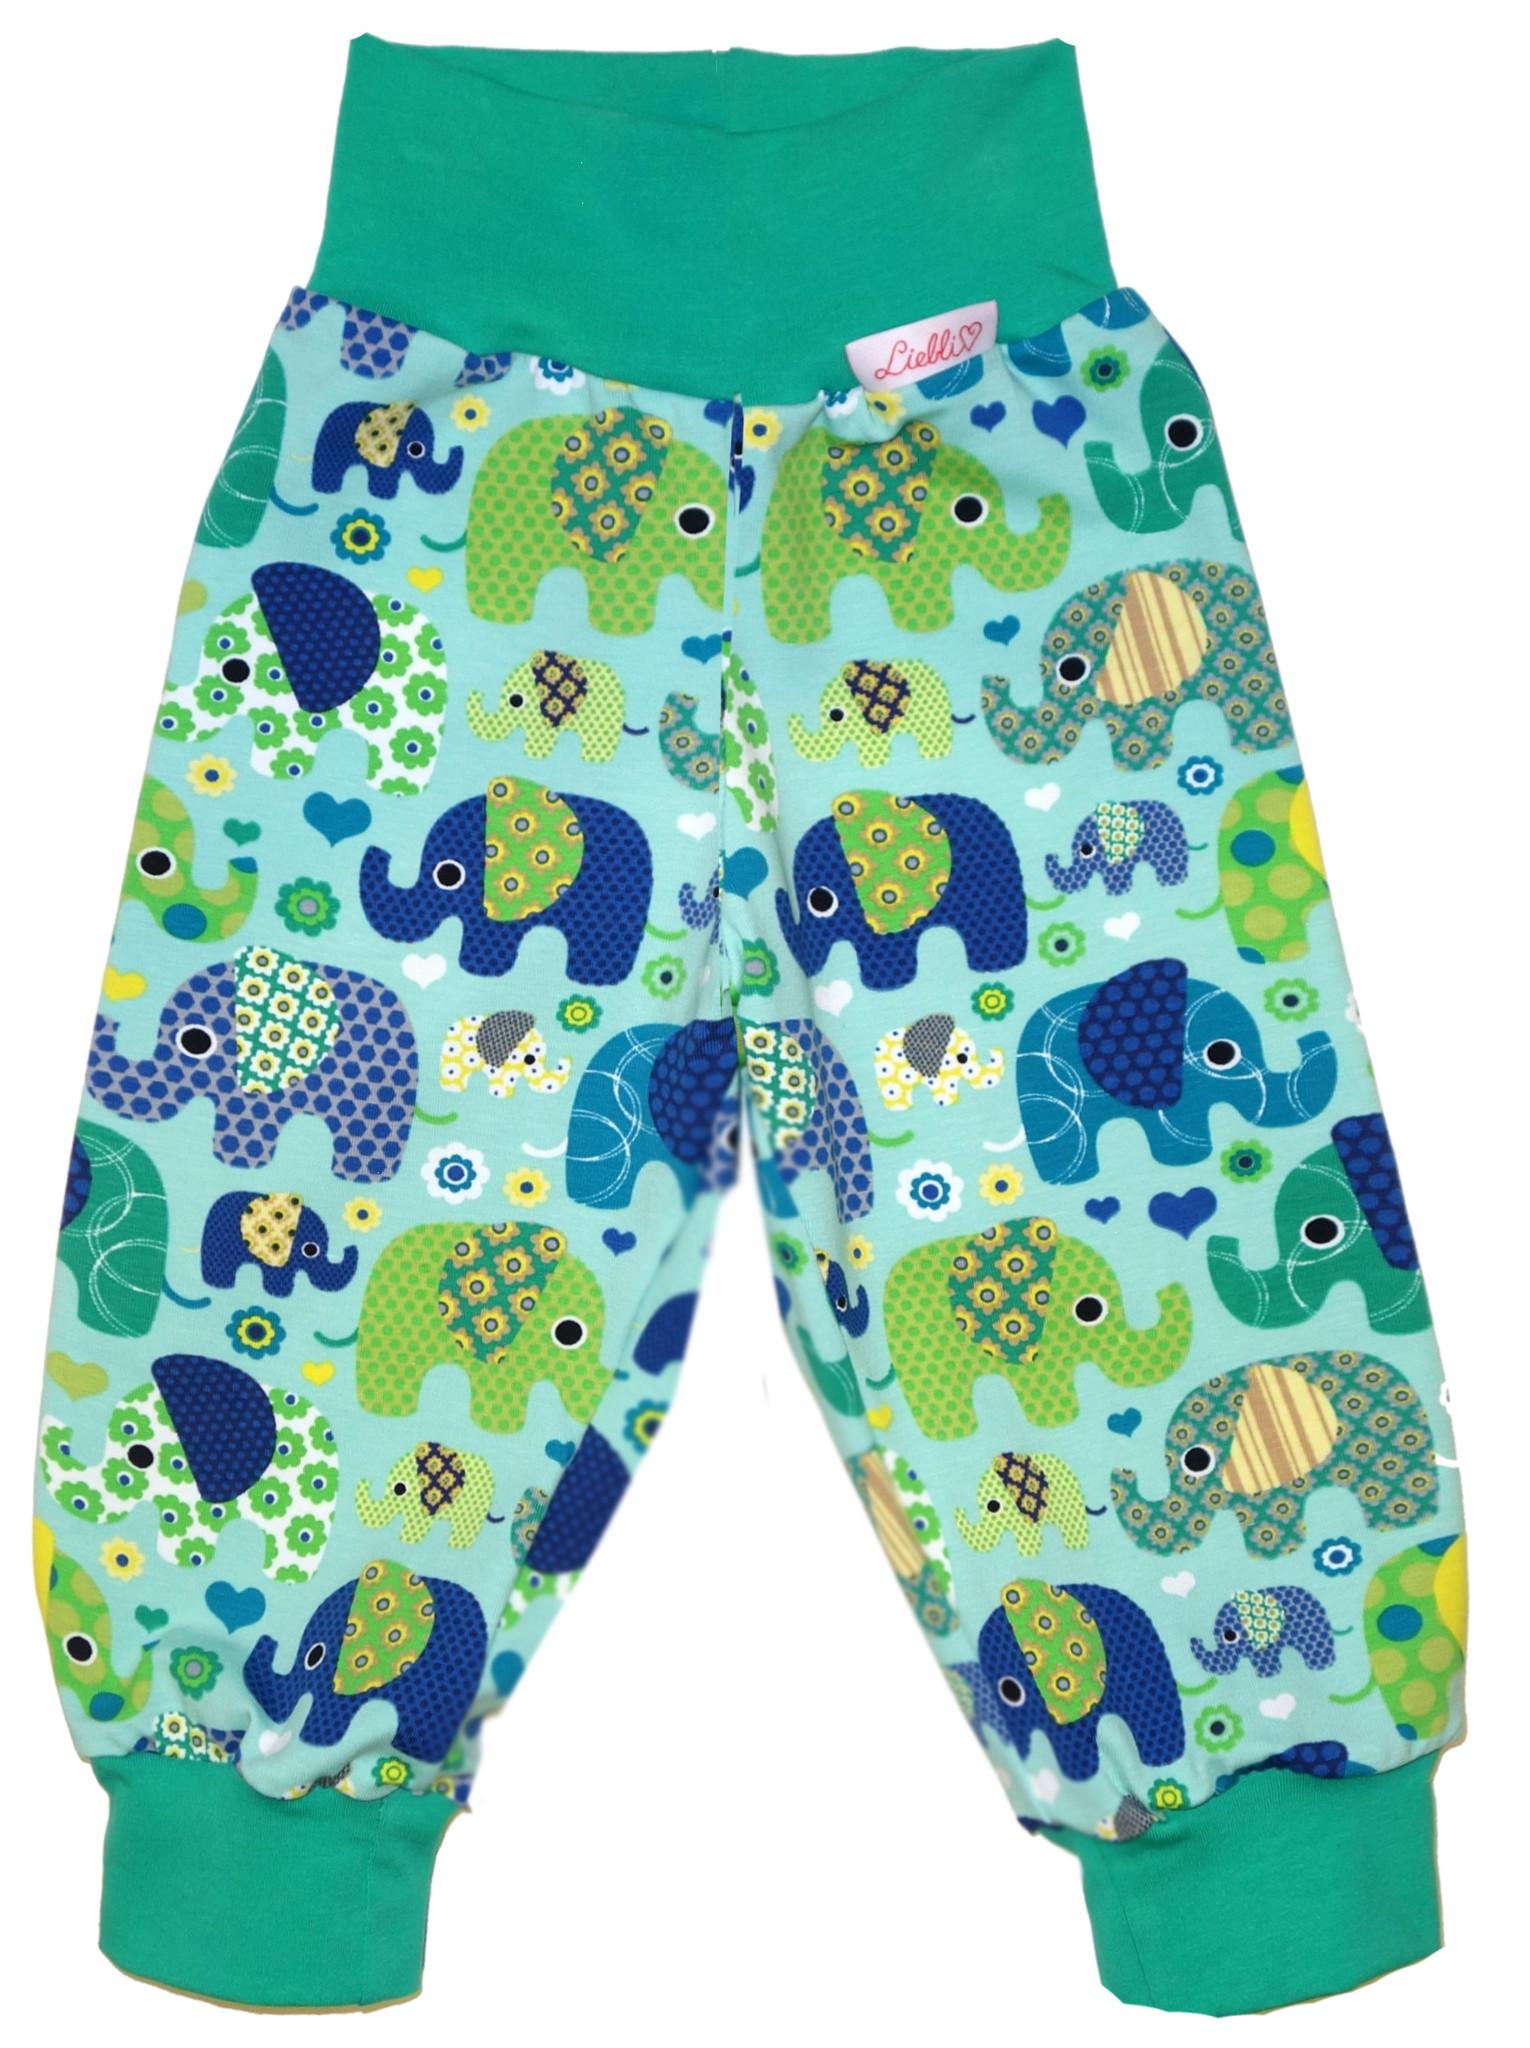 Kinderhose Elefanten grün